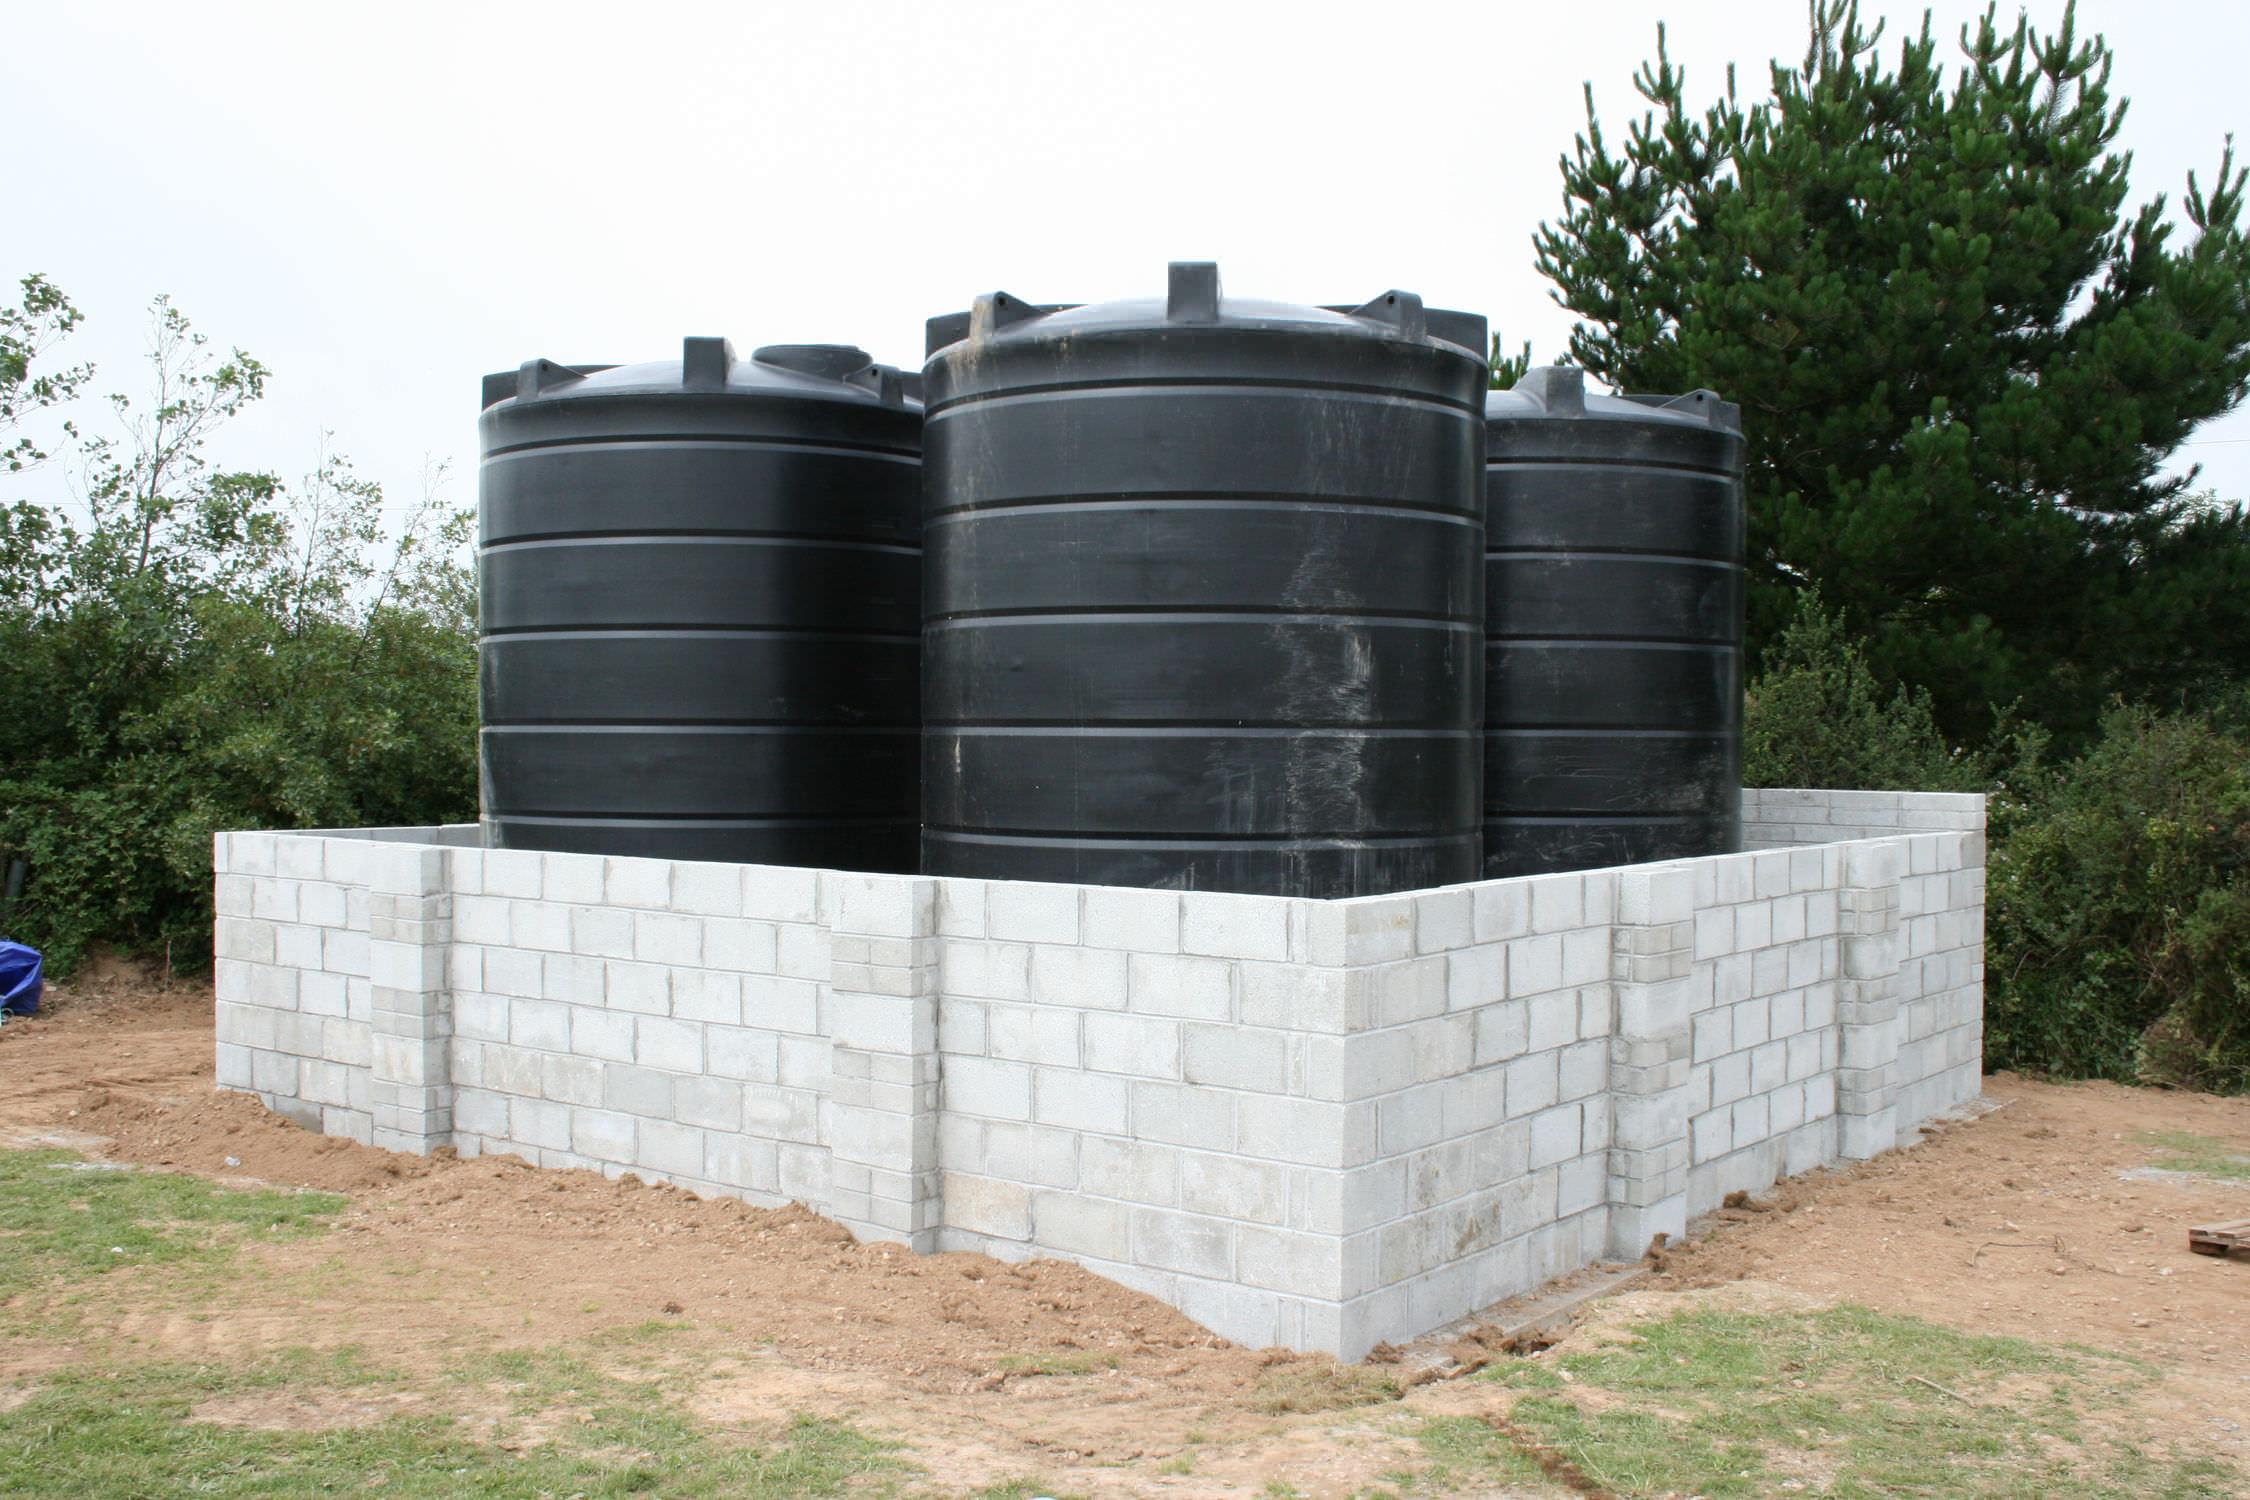 Le stockage liquide pourrait acc l rer la g n ralisation - Cuve stockage eau potable ...